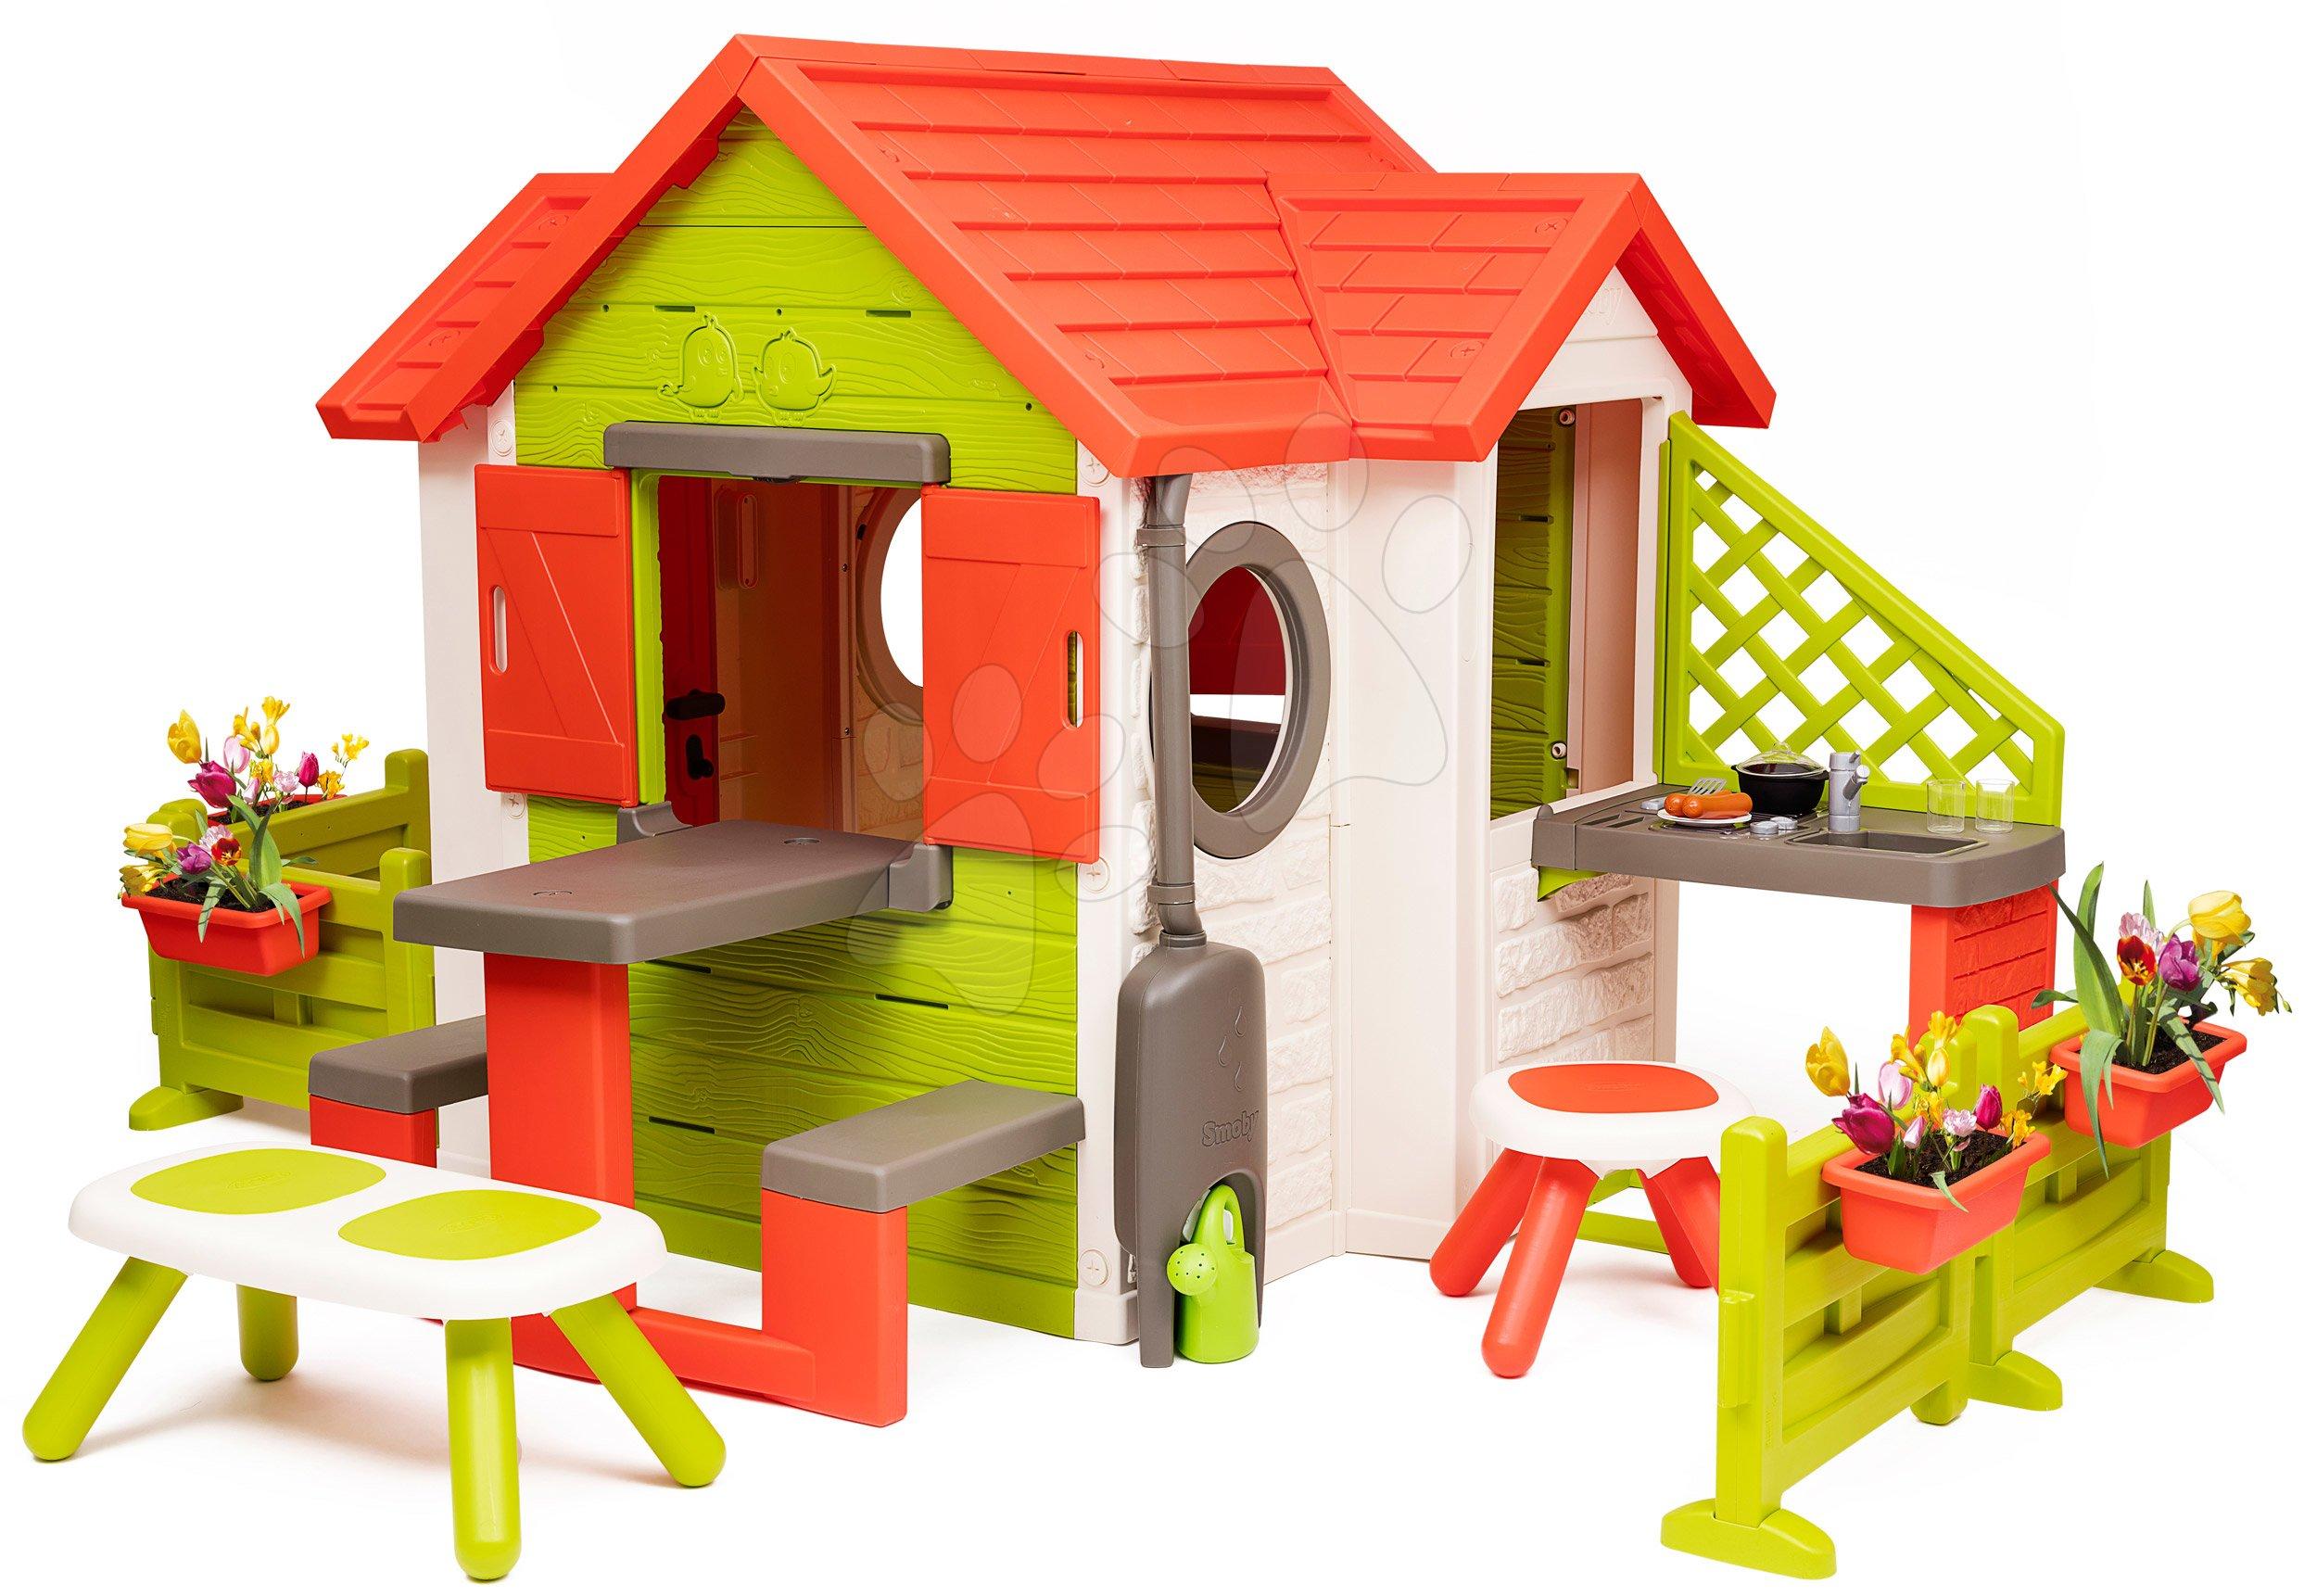 Domček My Neo House DeLuxe Smoby s veľkou záhradkou a posedením